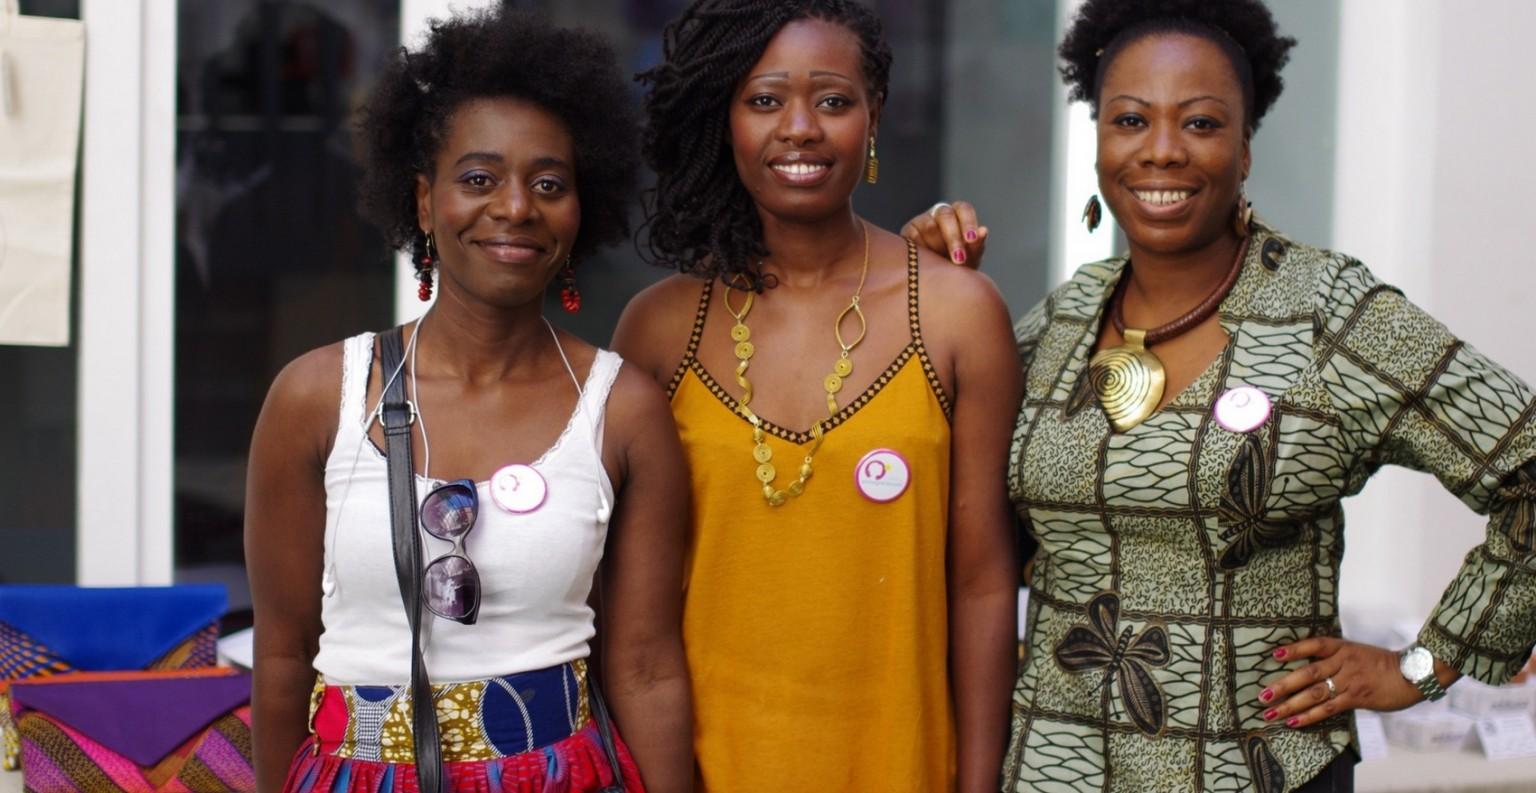 Brendly, Lynda et Assitan, créatrices de l'entreprise Sawa Ethnic. ©DR